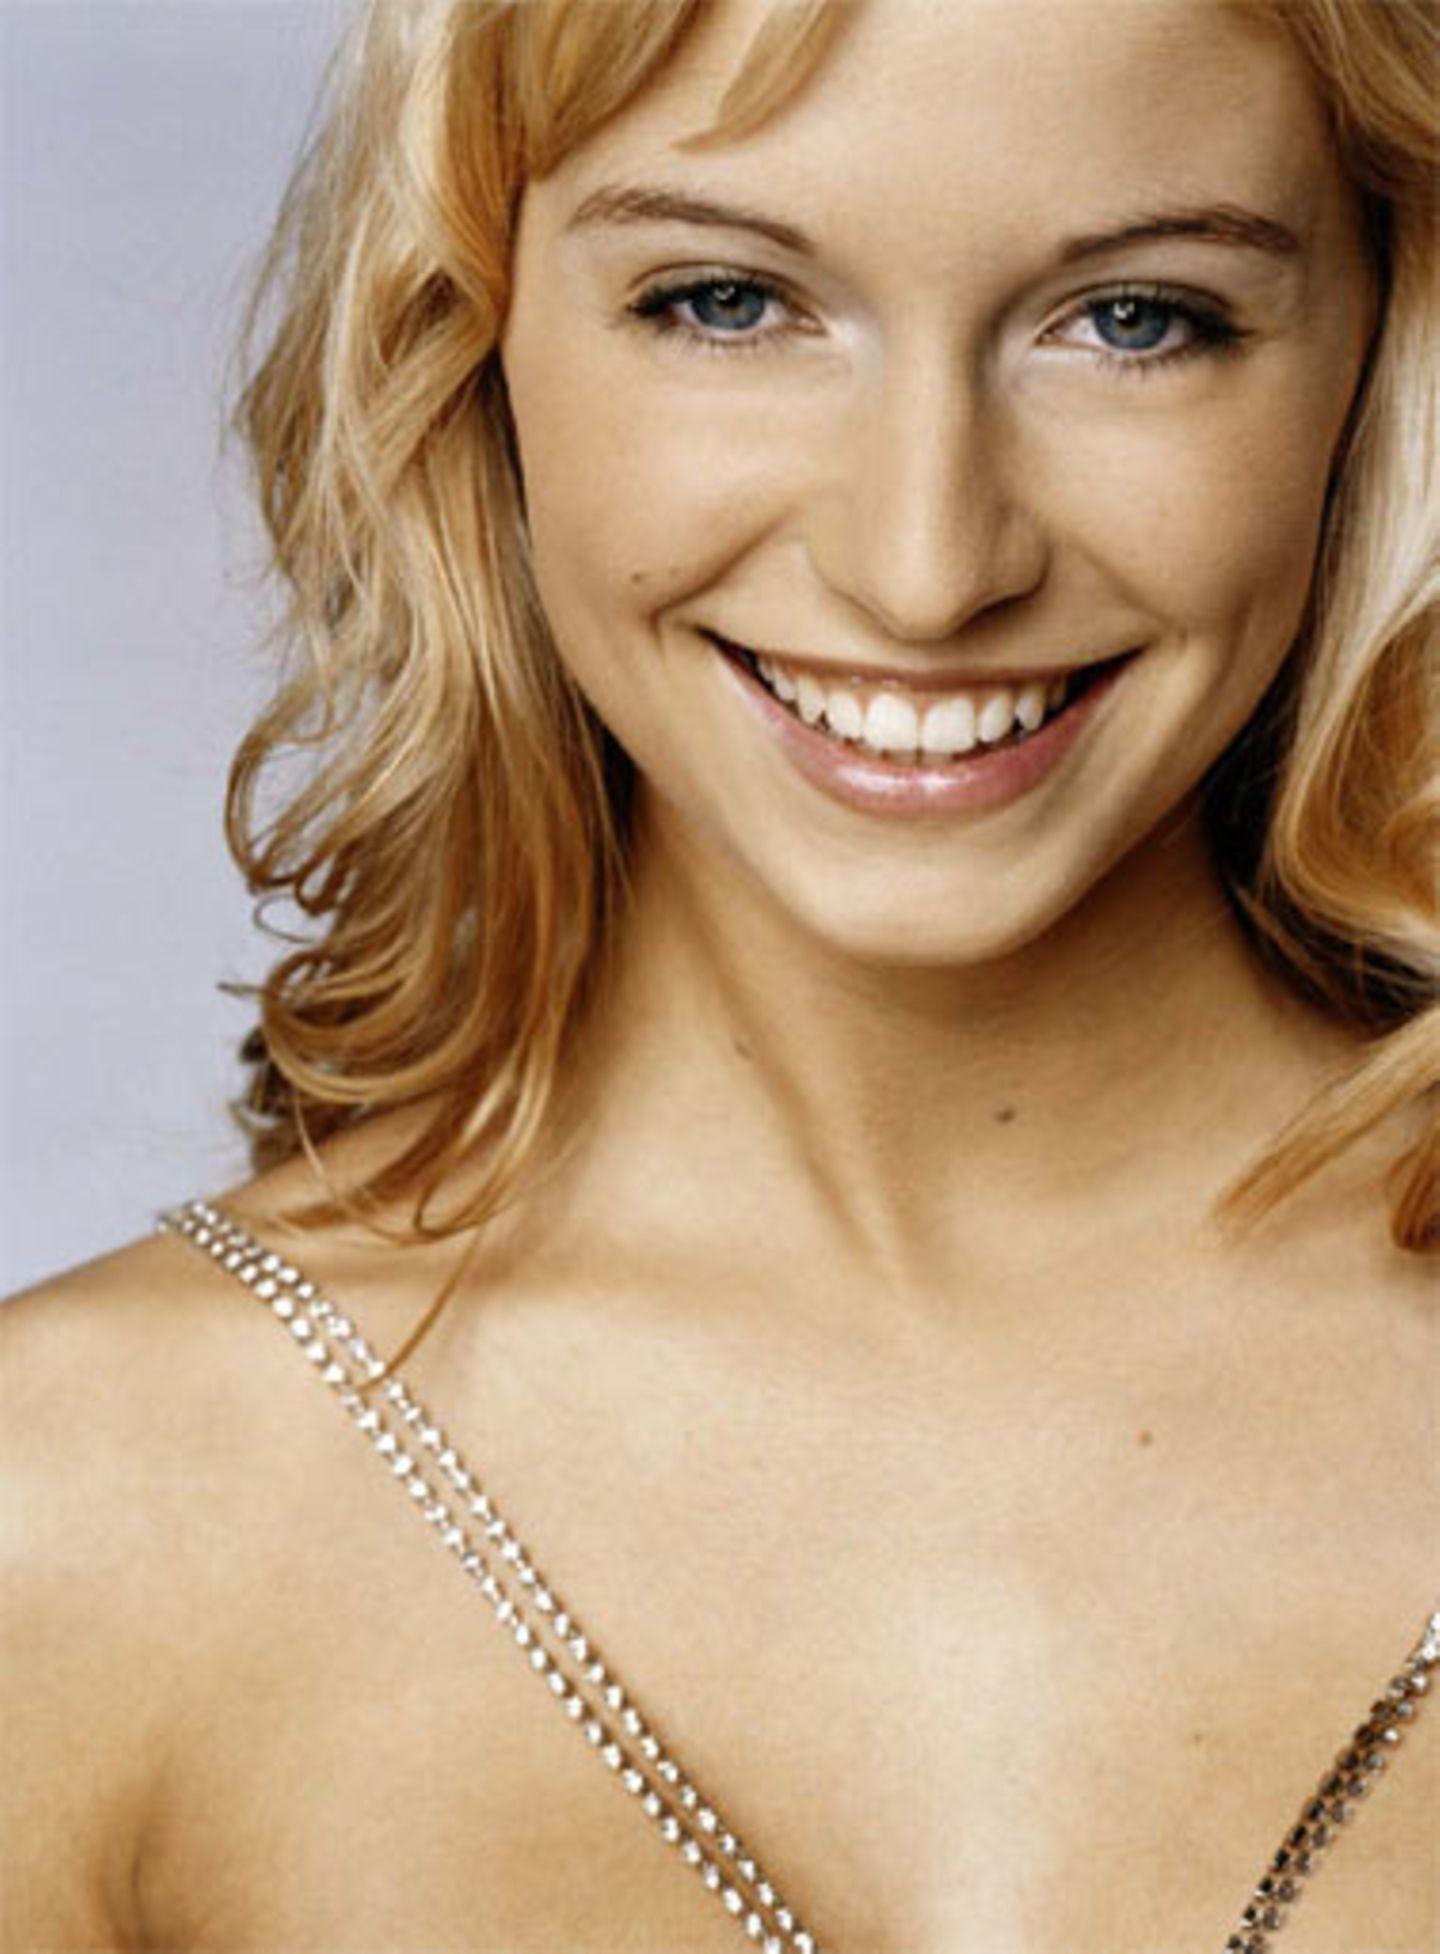 Die blonde Tänzerin Lena G. (18) aus Oldenburg - noch mit langen Haaren